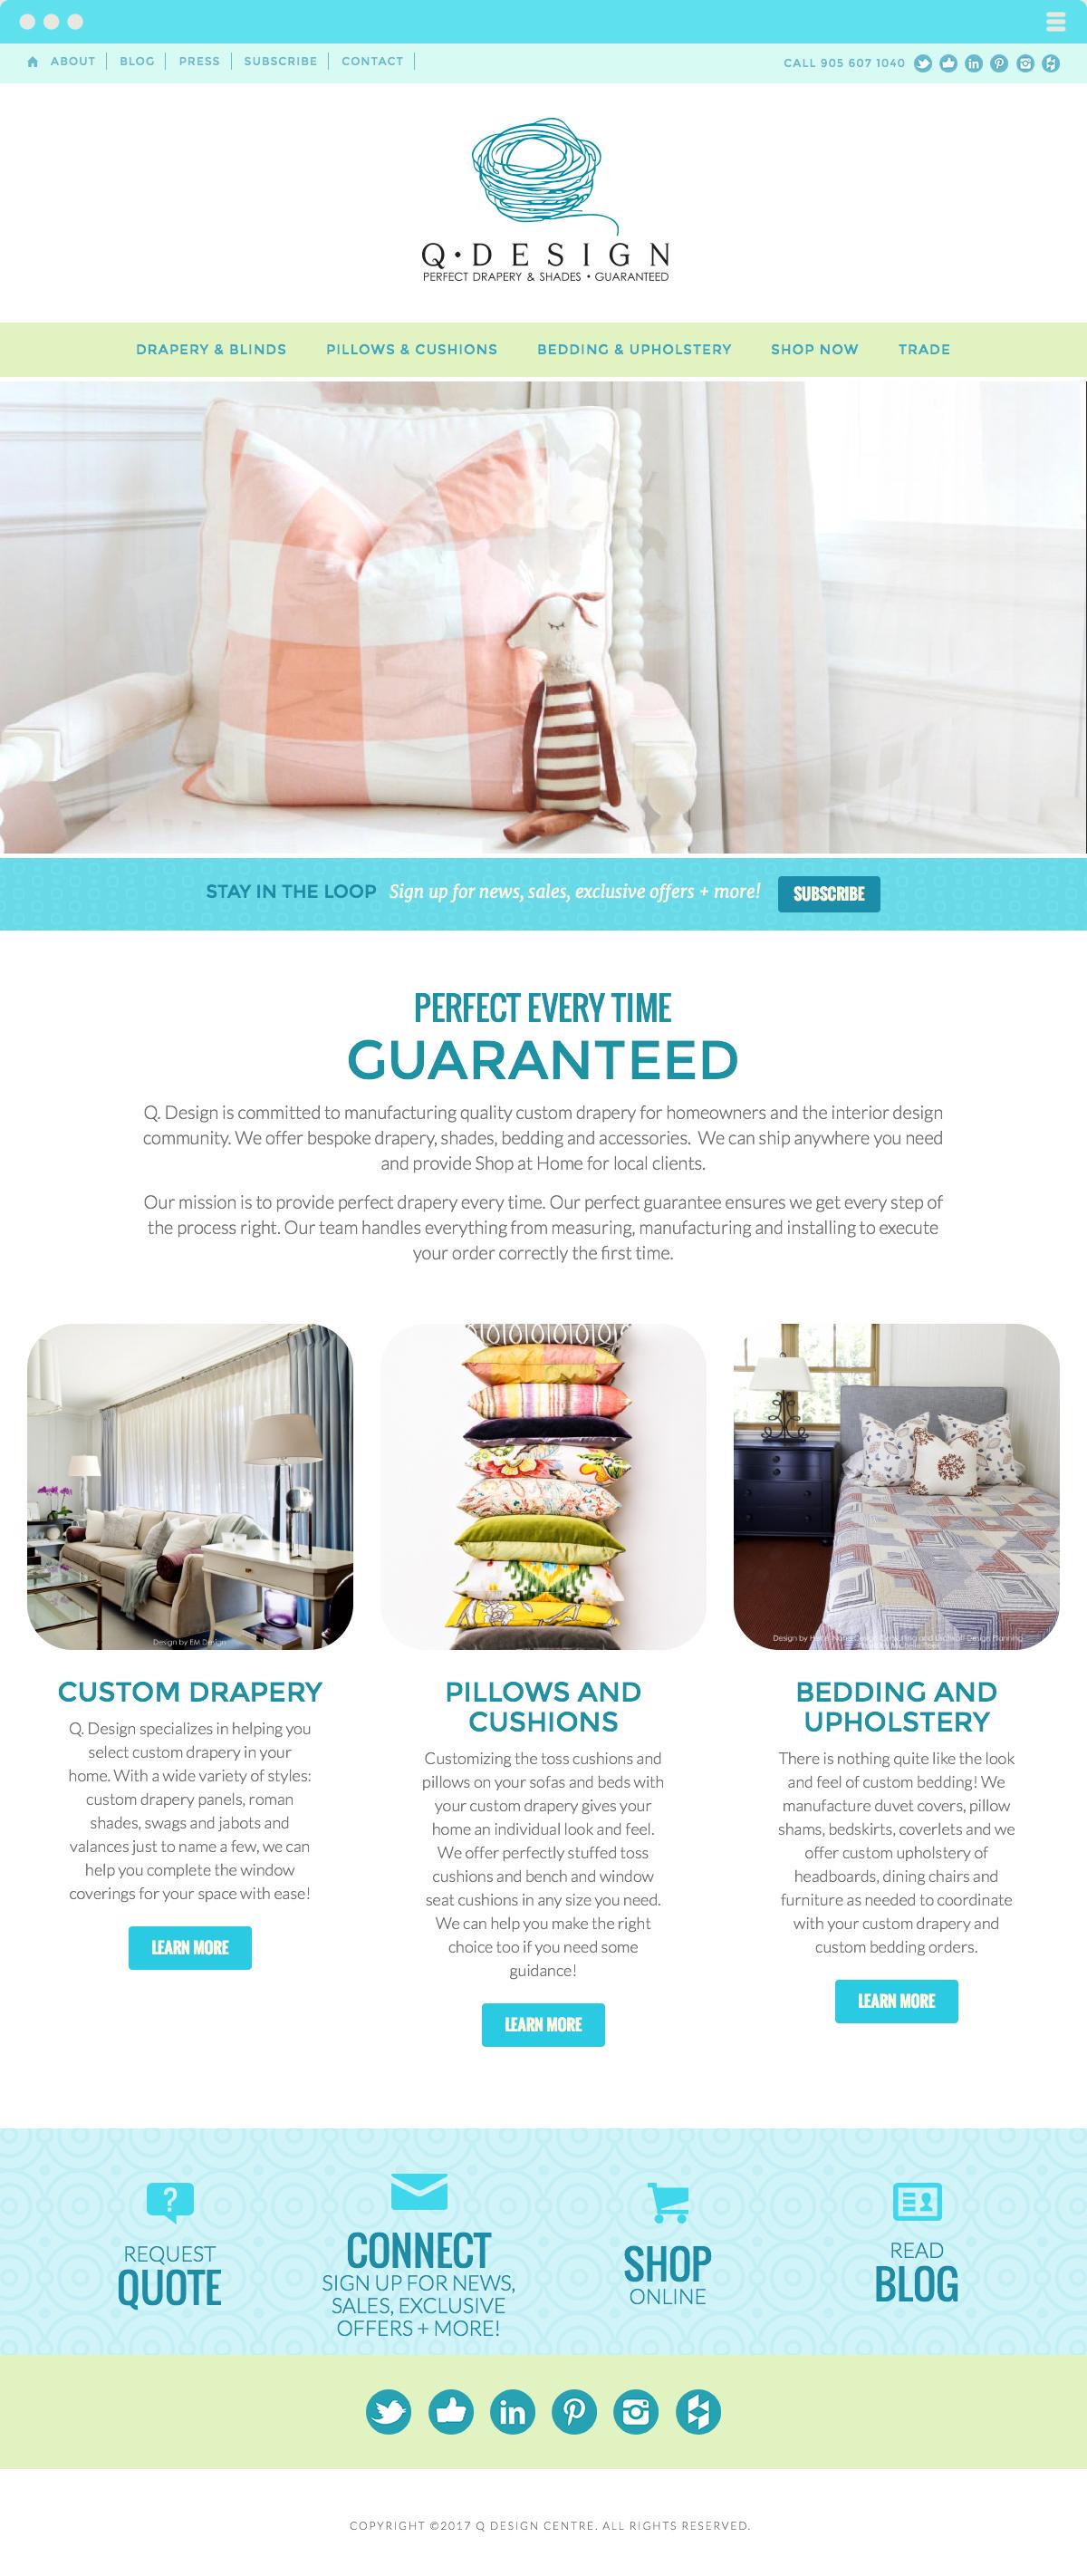 Q Design Centre Website Design & Development Made By Frame